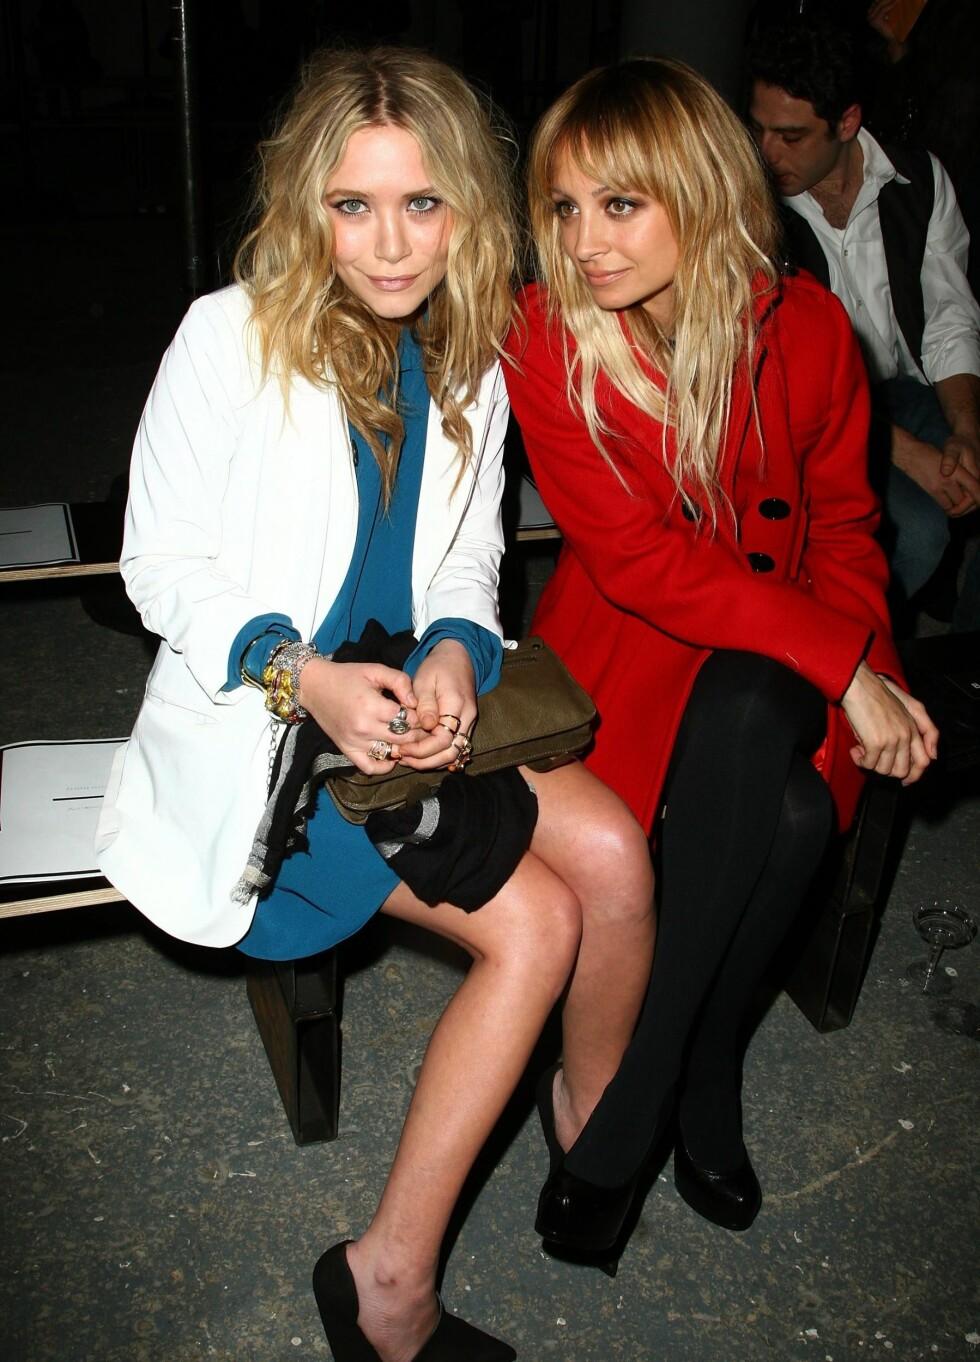 <strong>MED MASKULIN TVIST:</strong> Skuespilelr Mary Kate Olsen med oversized jakke over en petroleumsfarget silkekjole.  Foto: All Over Press